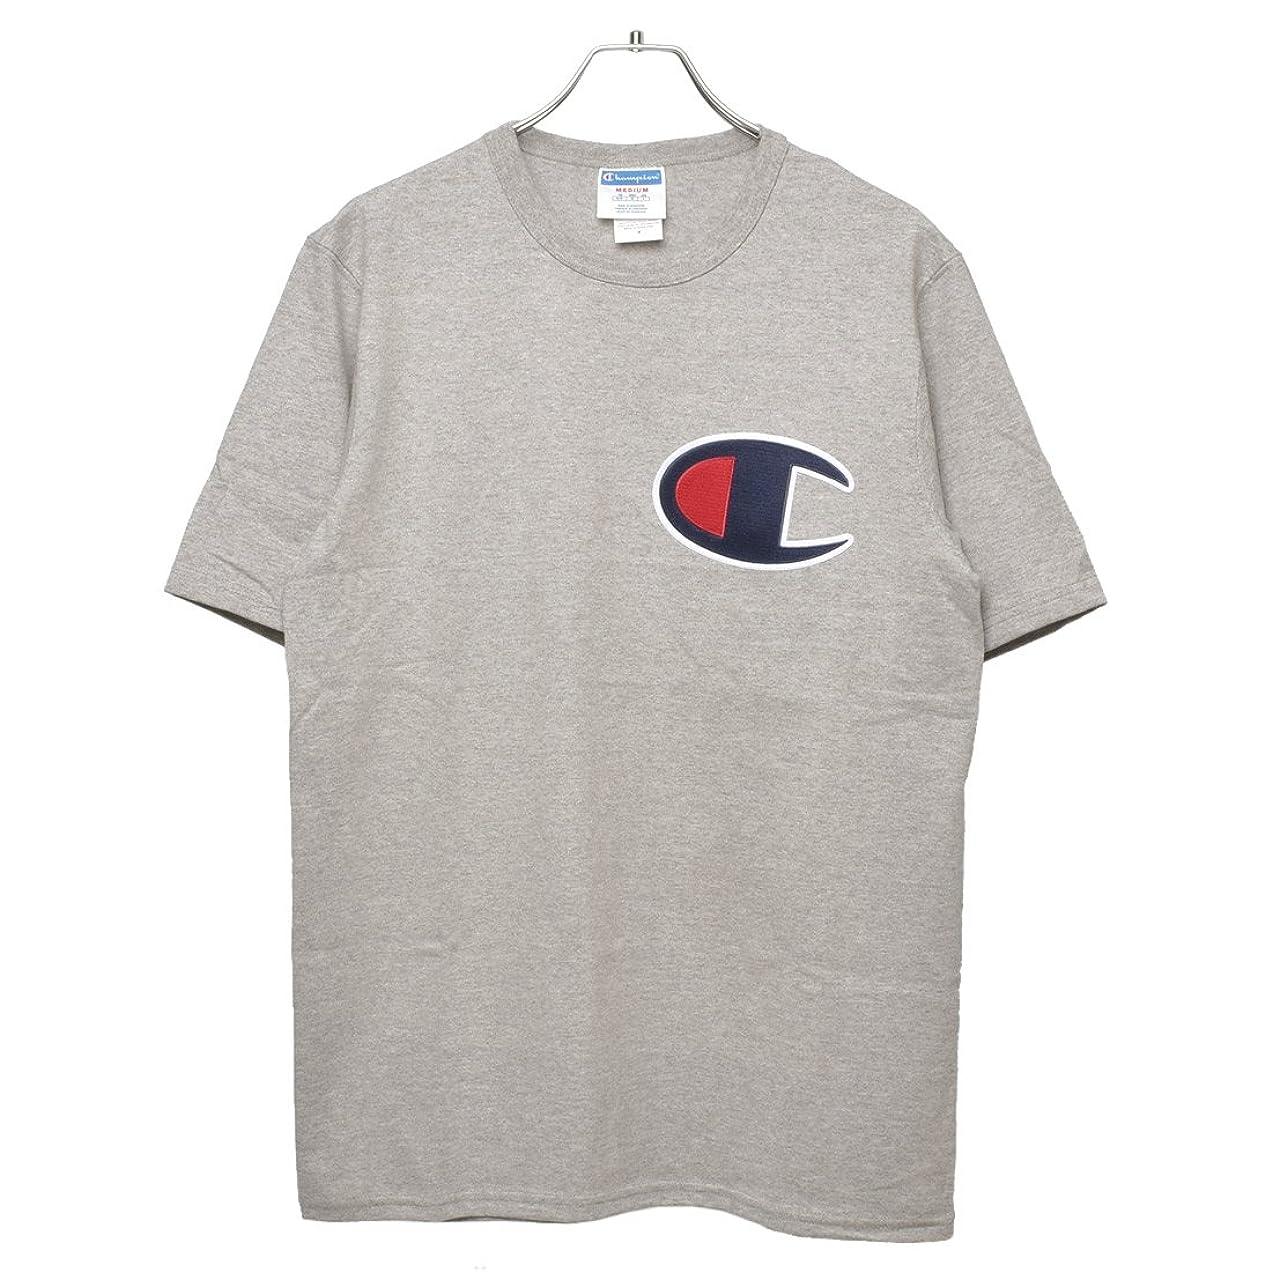 オンスフラグラント同じ(チャンピオン)Champion Tシャツ ヘリテージ Tシャツ GT19 YO6820 メンズ Tシャツ ロゴ 02.オックスフォードグレー M [並行輸入品]